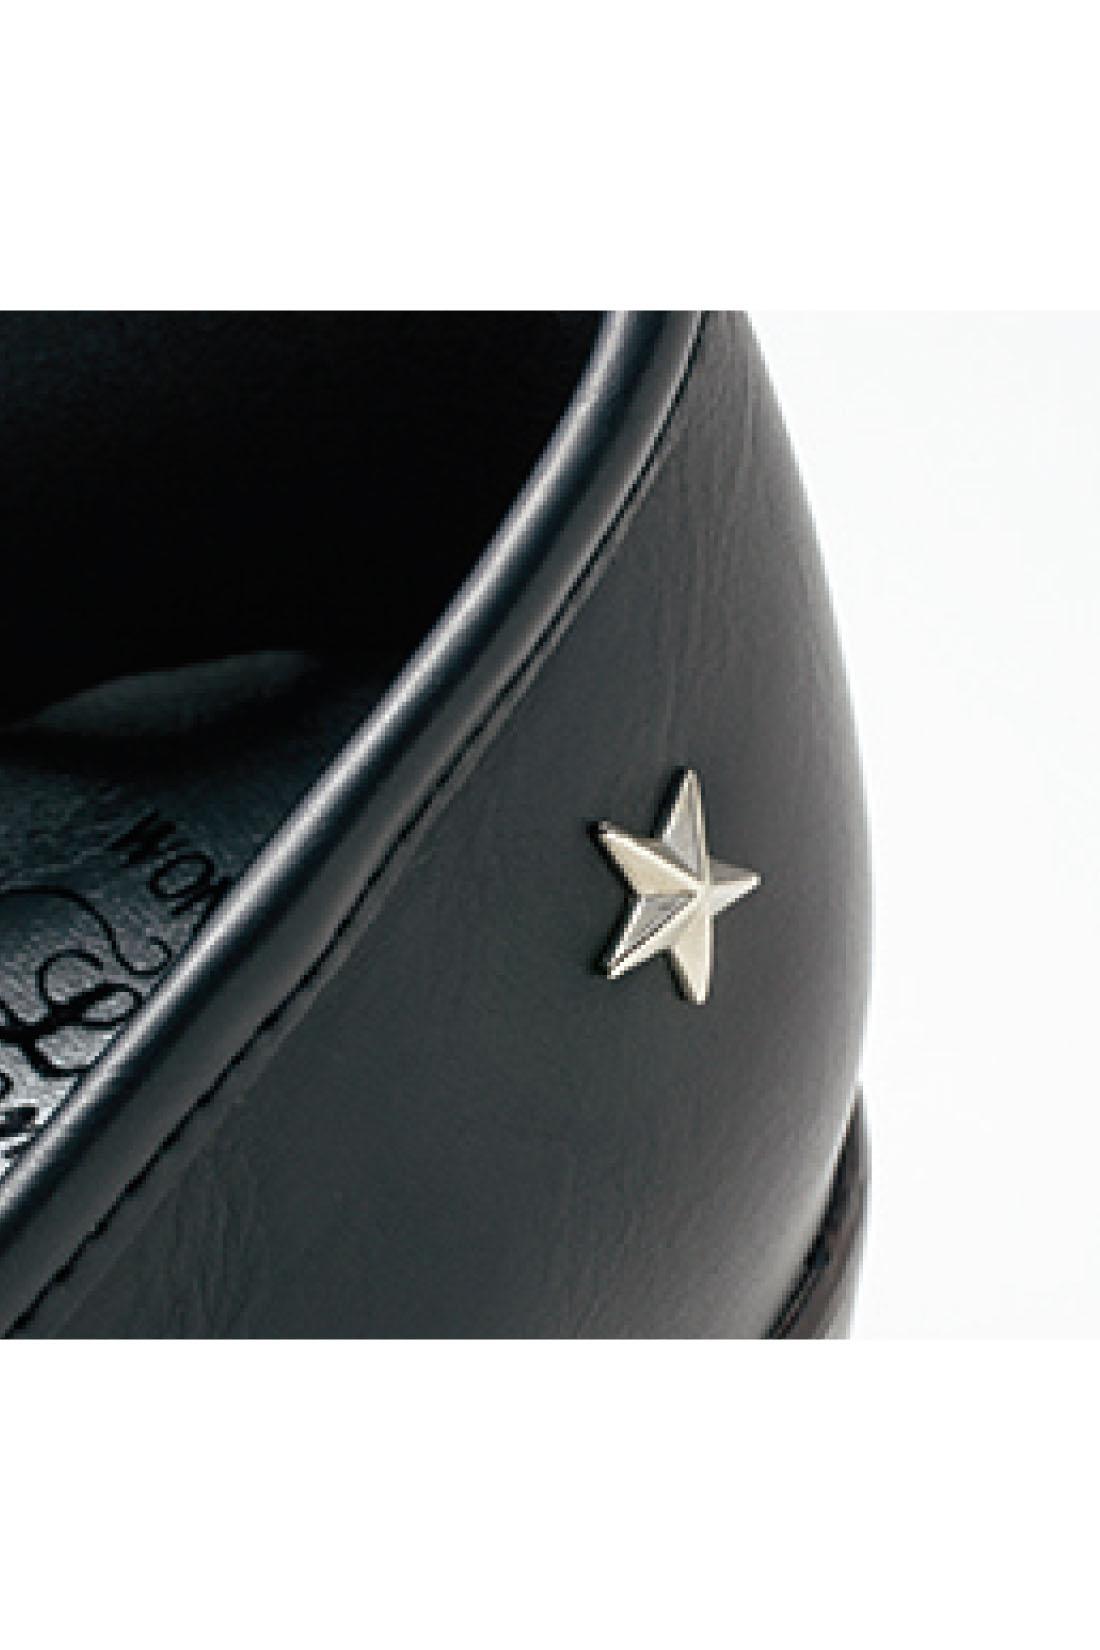 黒の本革風素材にぐるりと入れたステッチと、サイドに付けた星形リベットがかわいいアクセント。